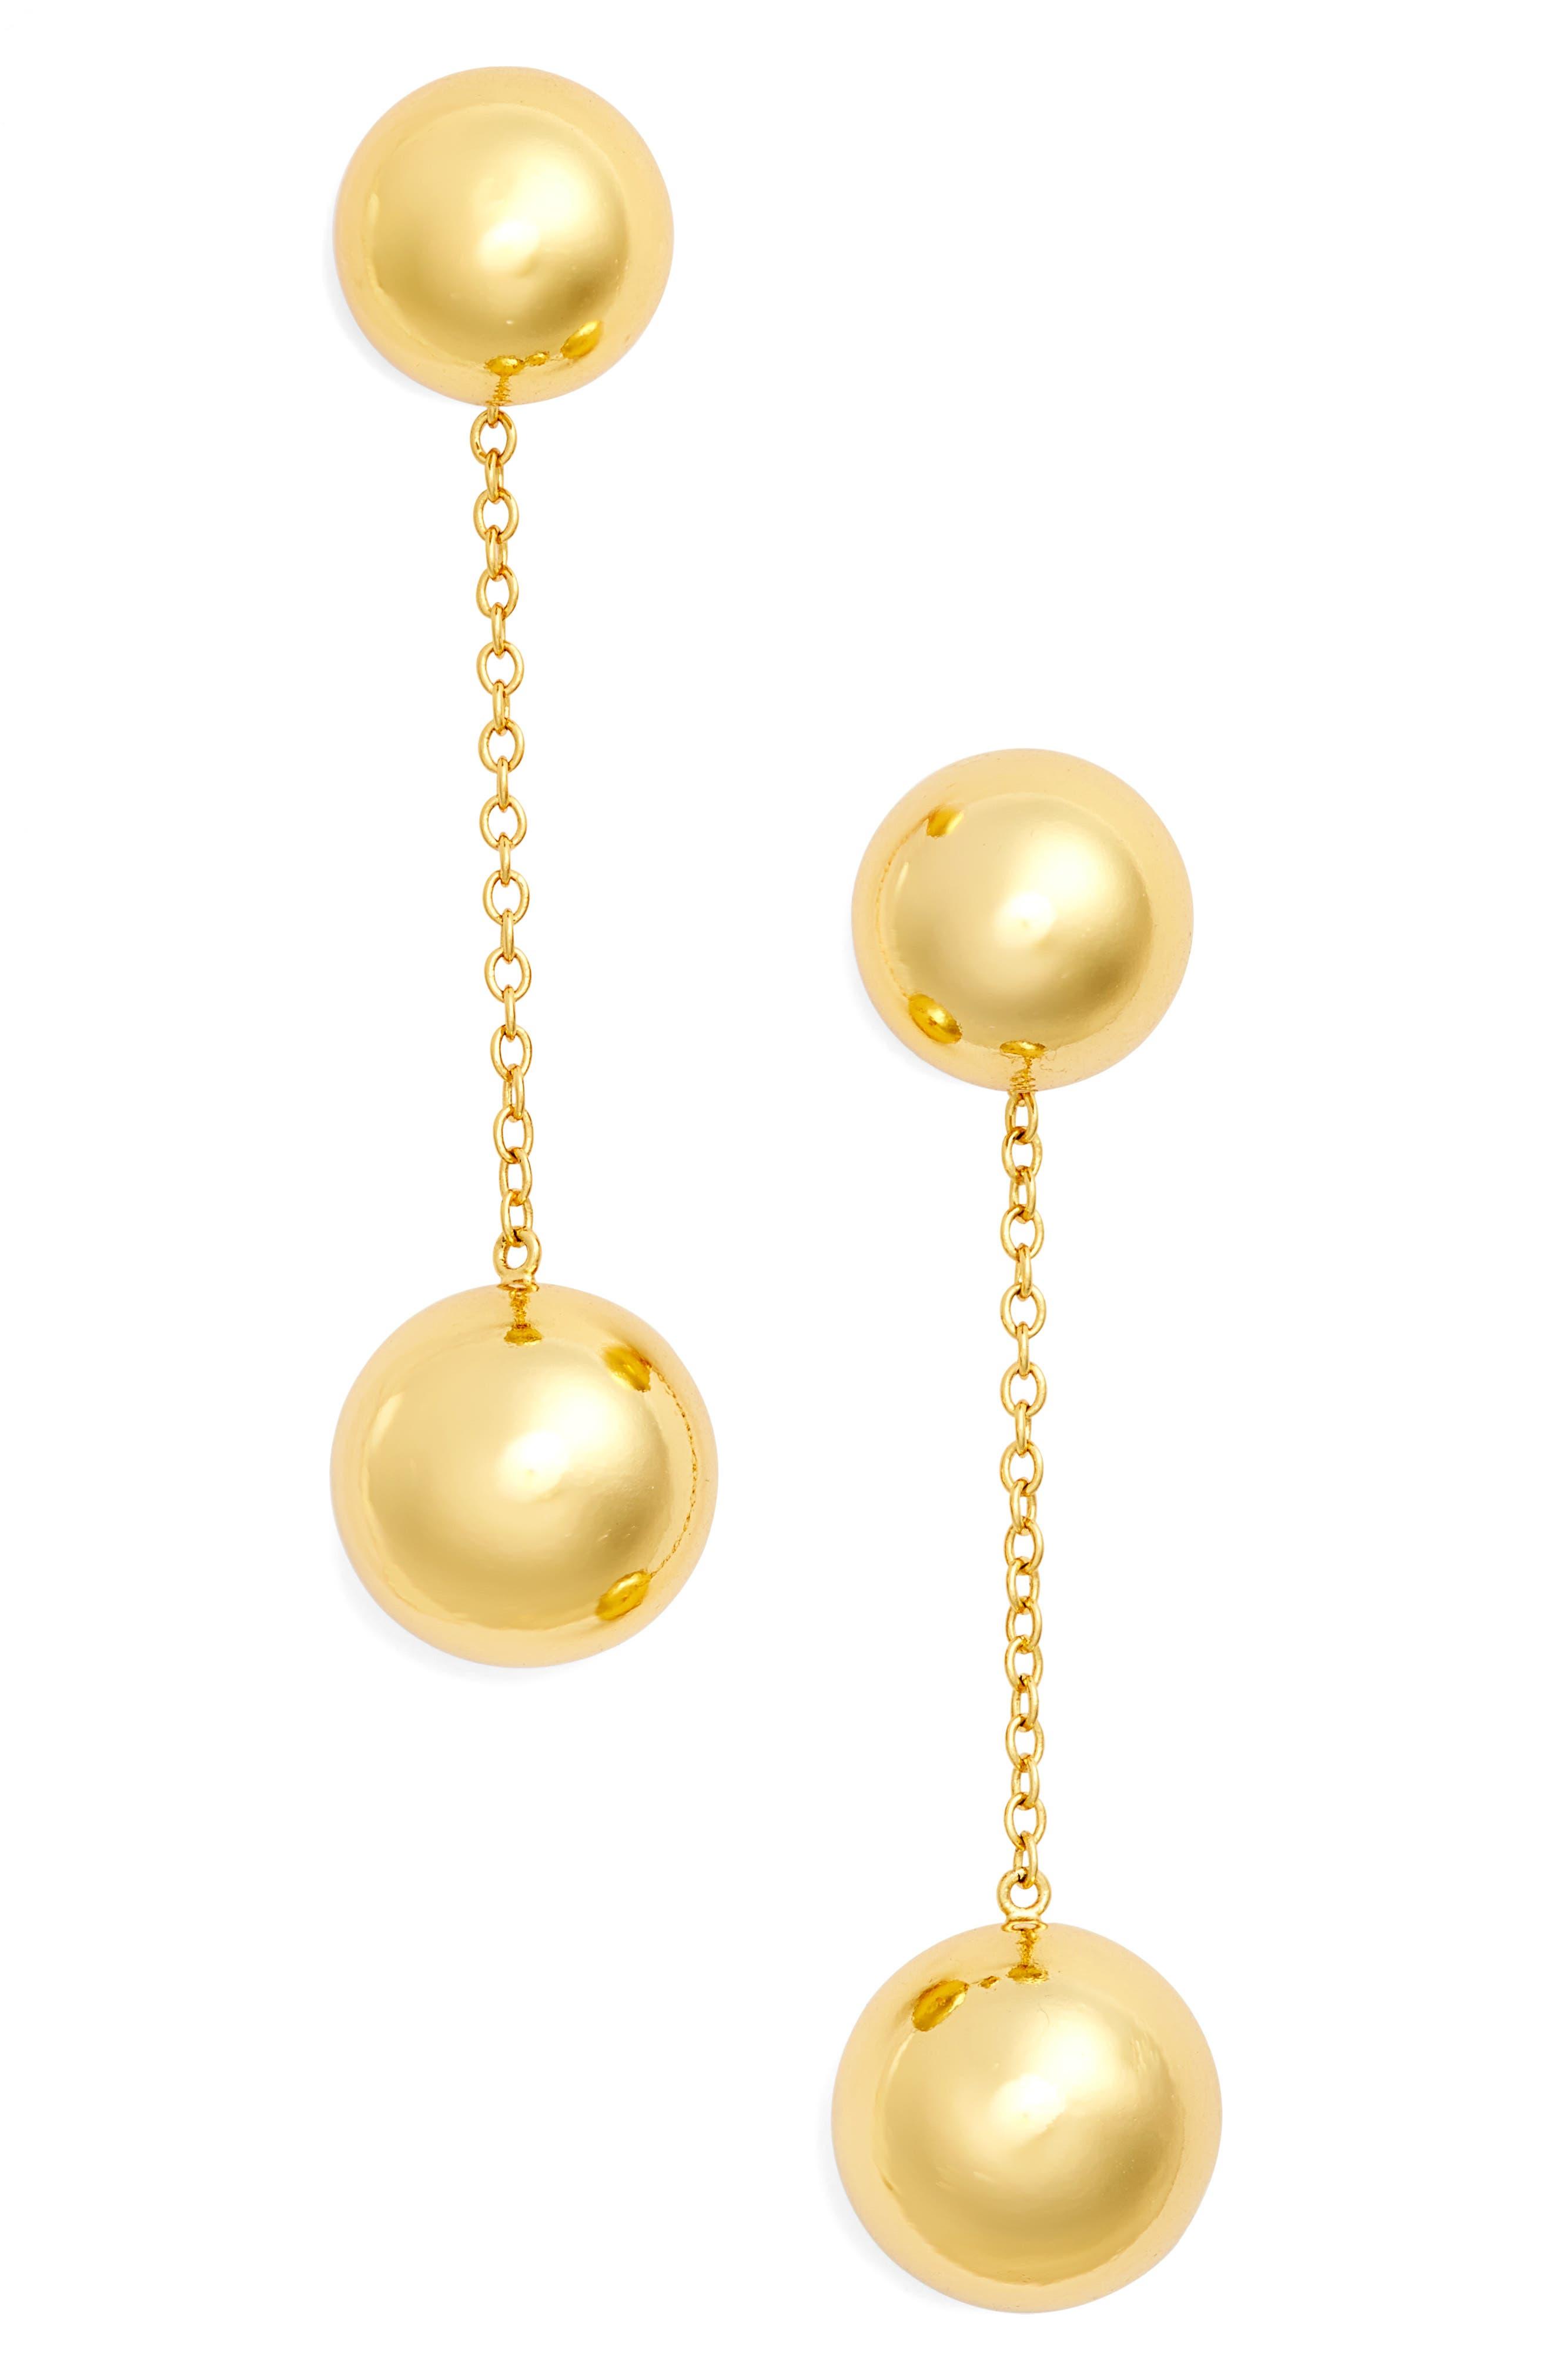 Newport Drop Earrings,                             Main thumbnail 1, color,                             Gold